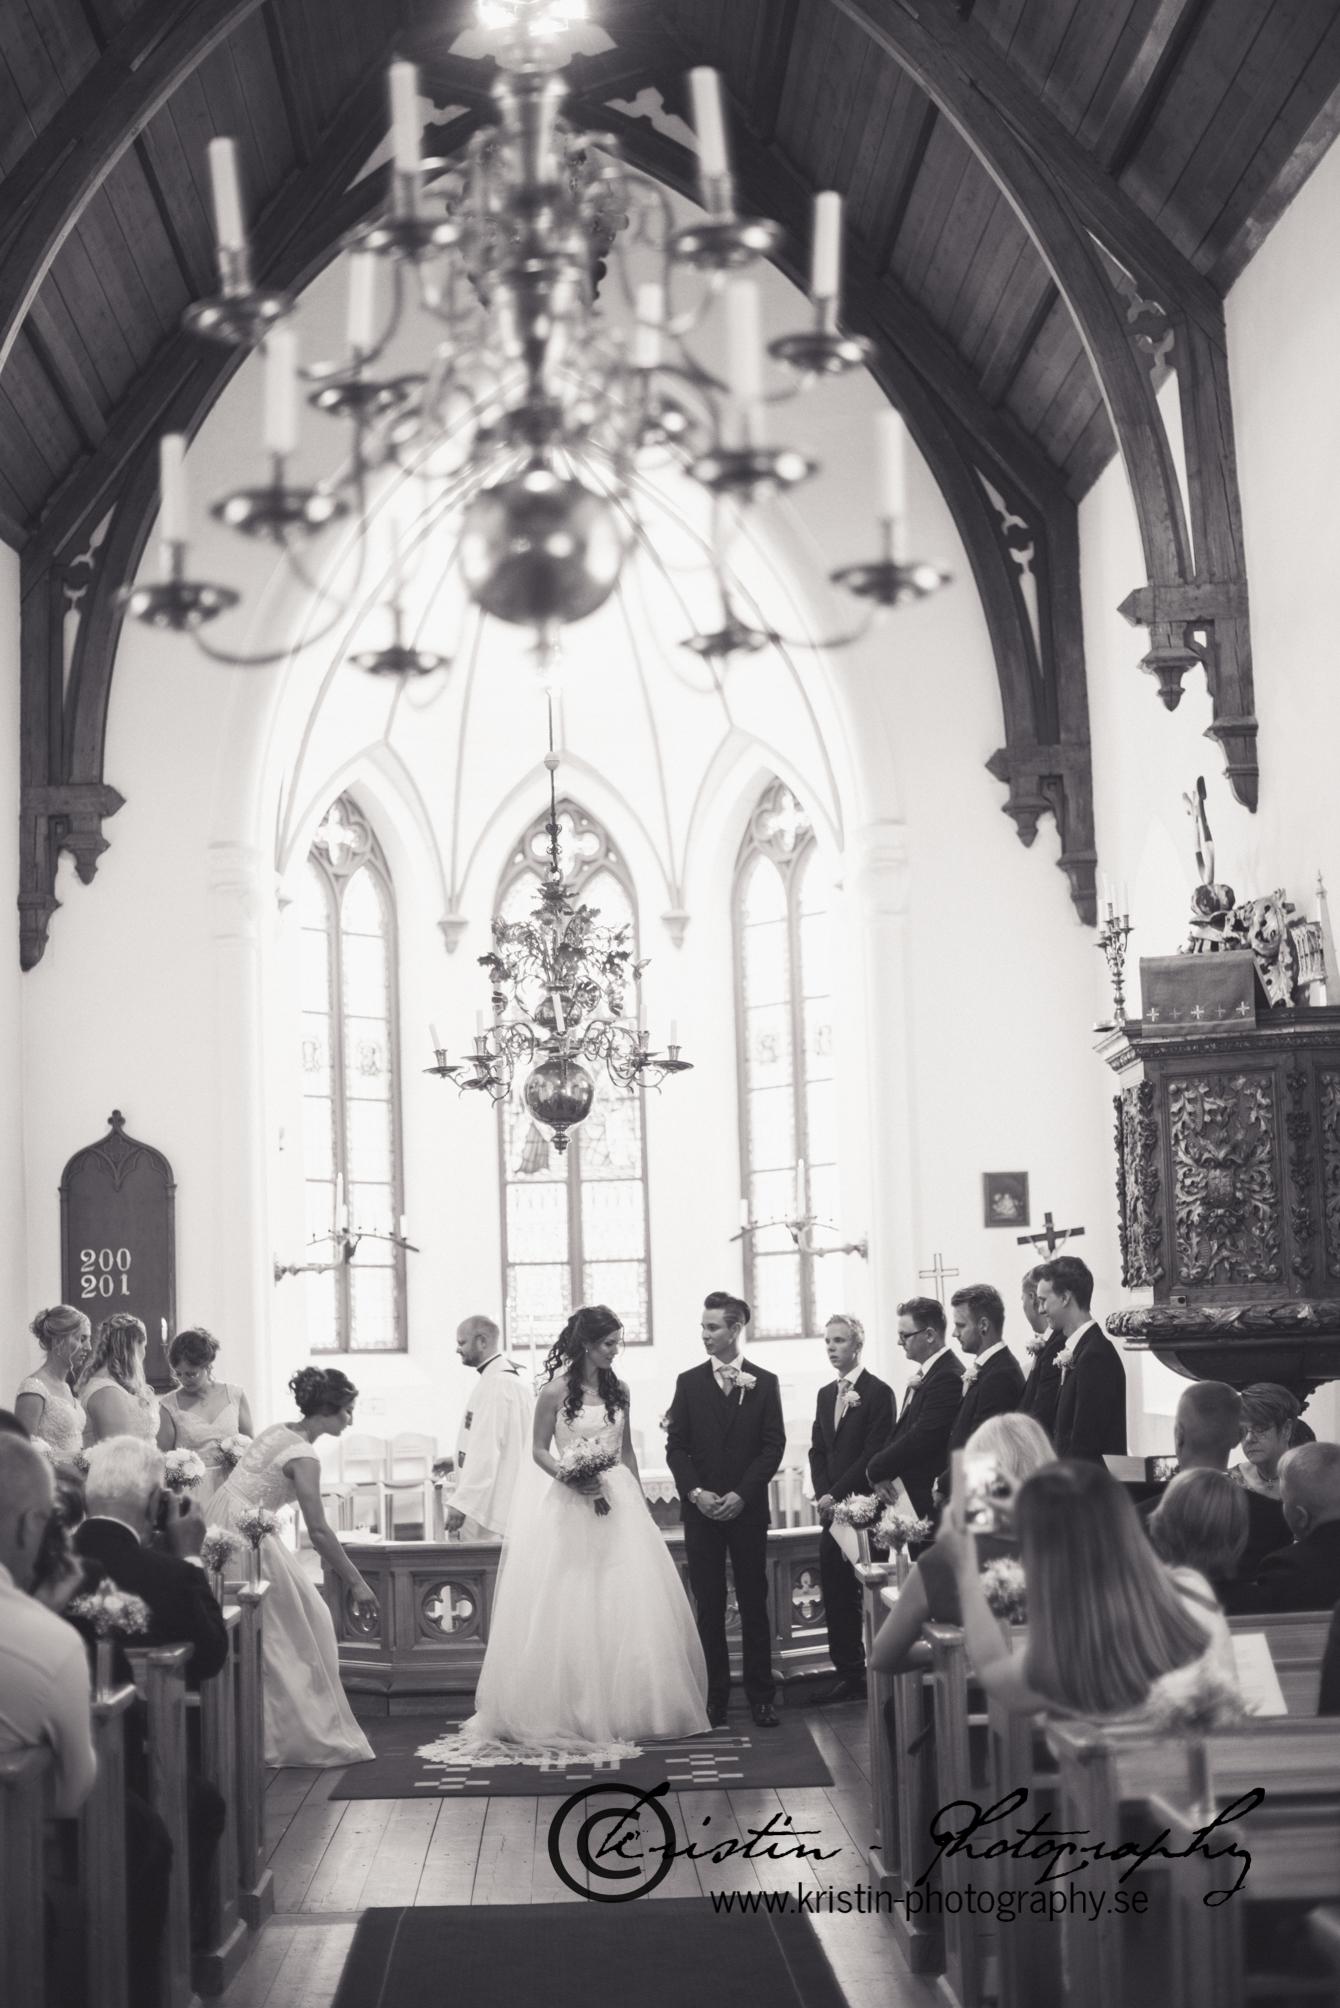 Bröllopsfotograf i Eskilstuna, Kristin - Photography, weddingphotographer -181.jpg